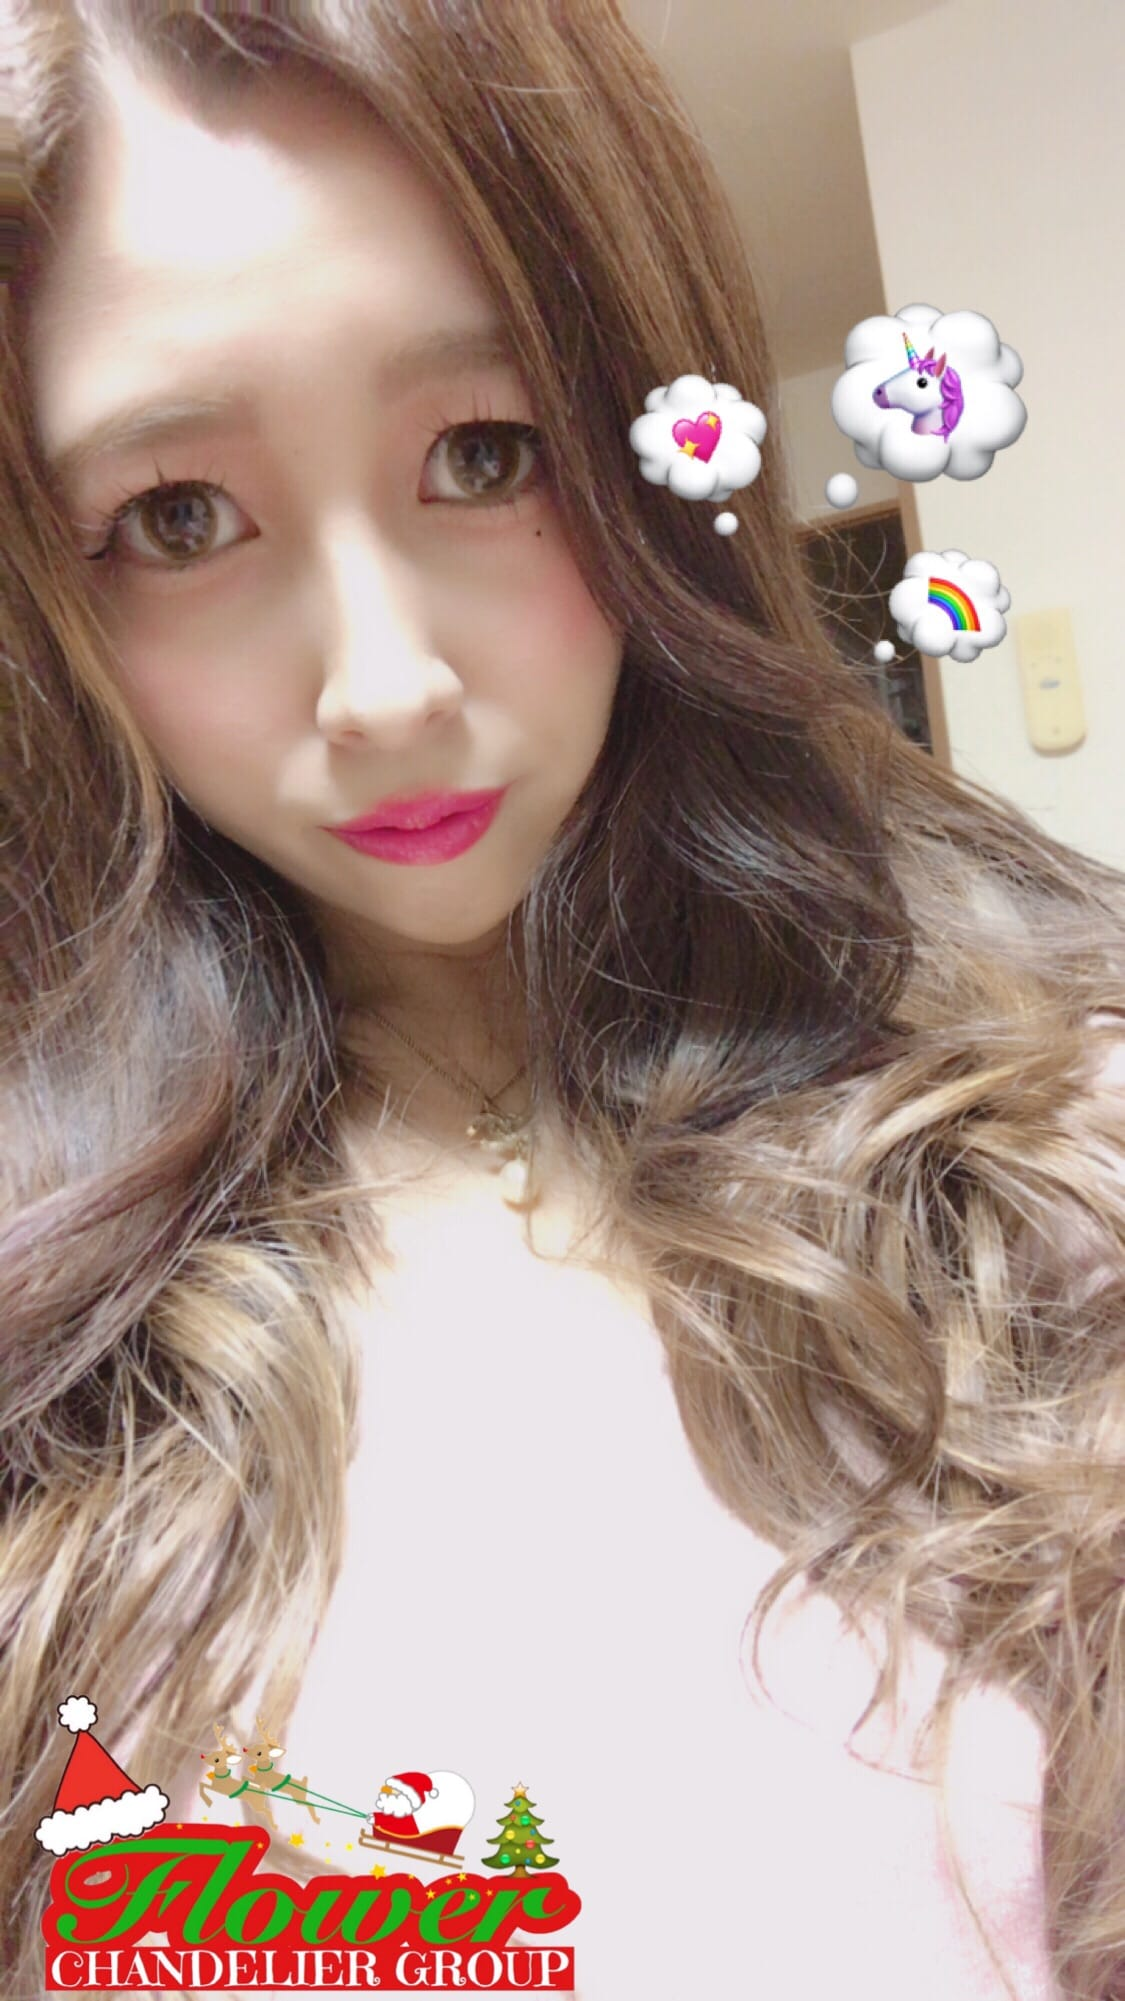 「マッサージ❤️」01/07(01/07) 16:29 | 当店No.1 SSS級 ららの写メ・風俗動画